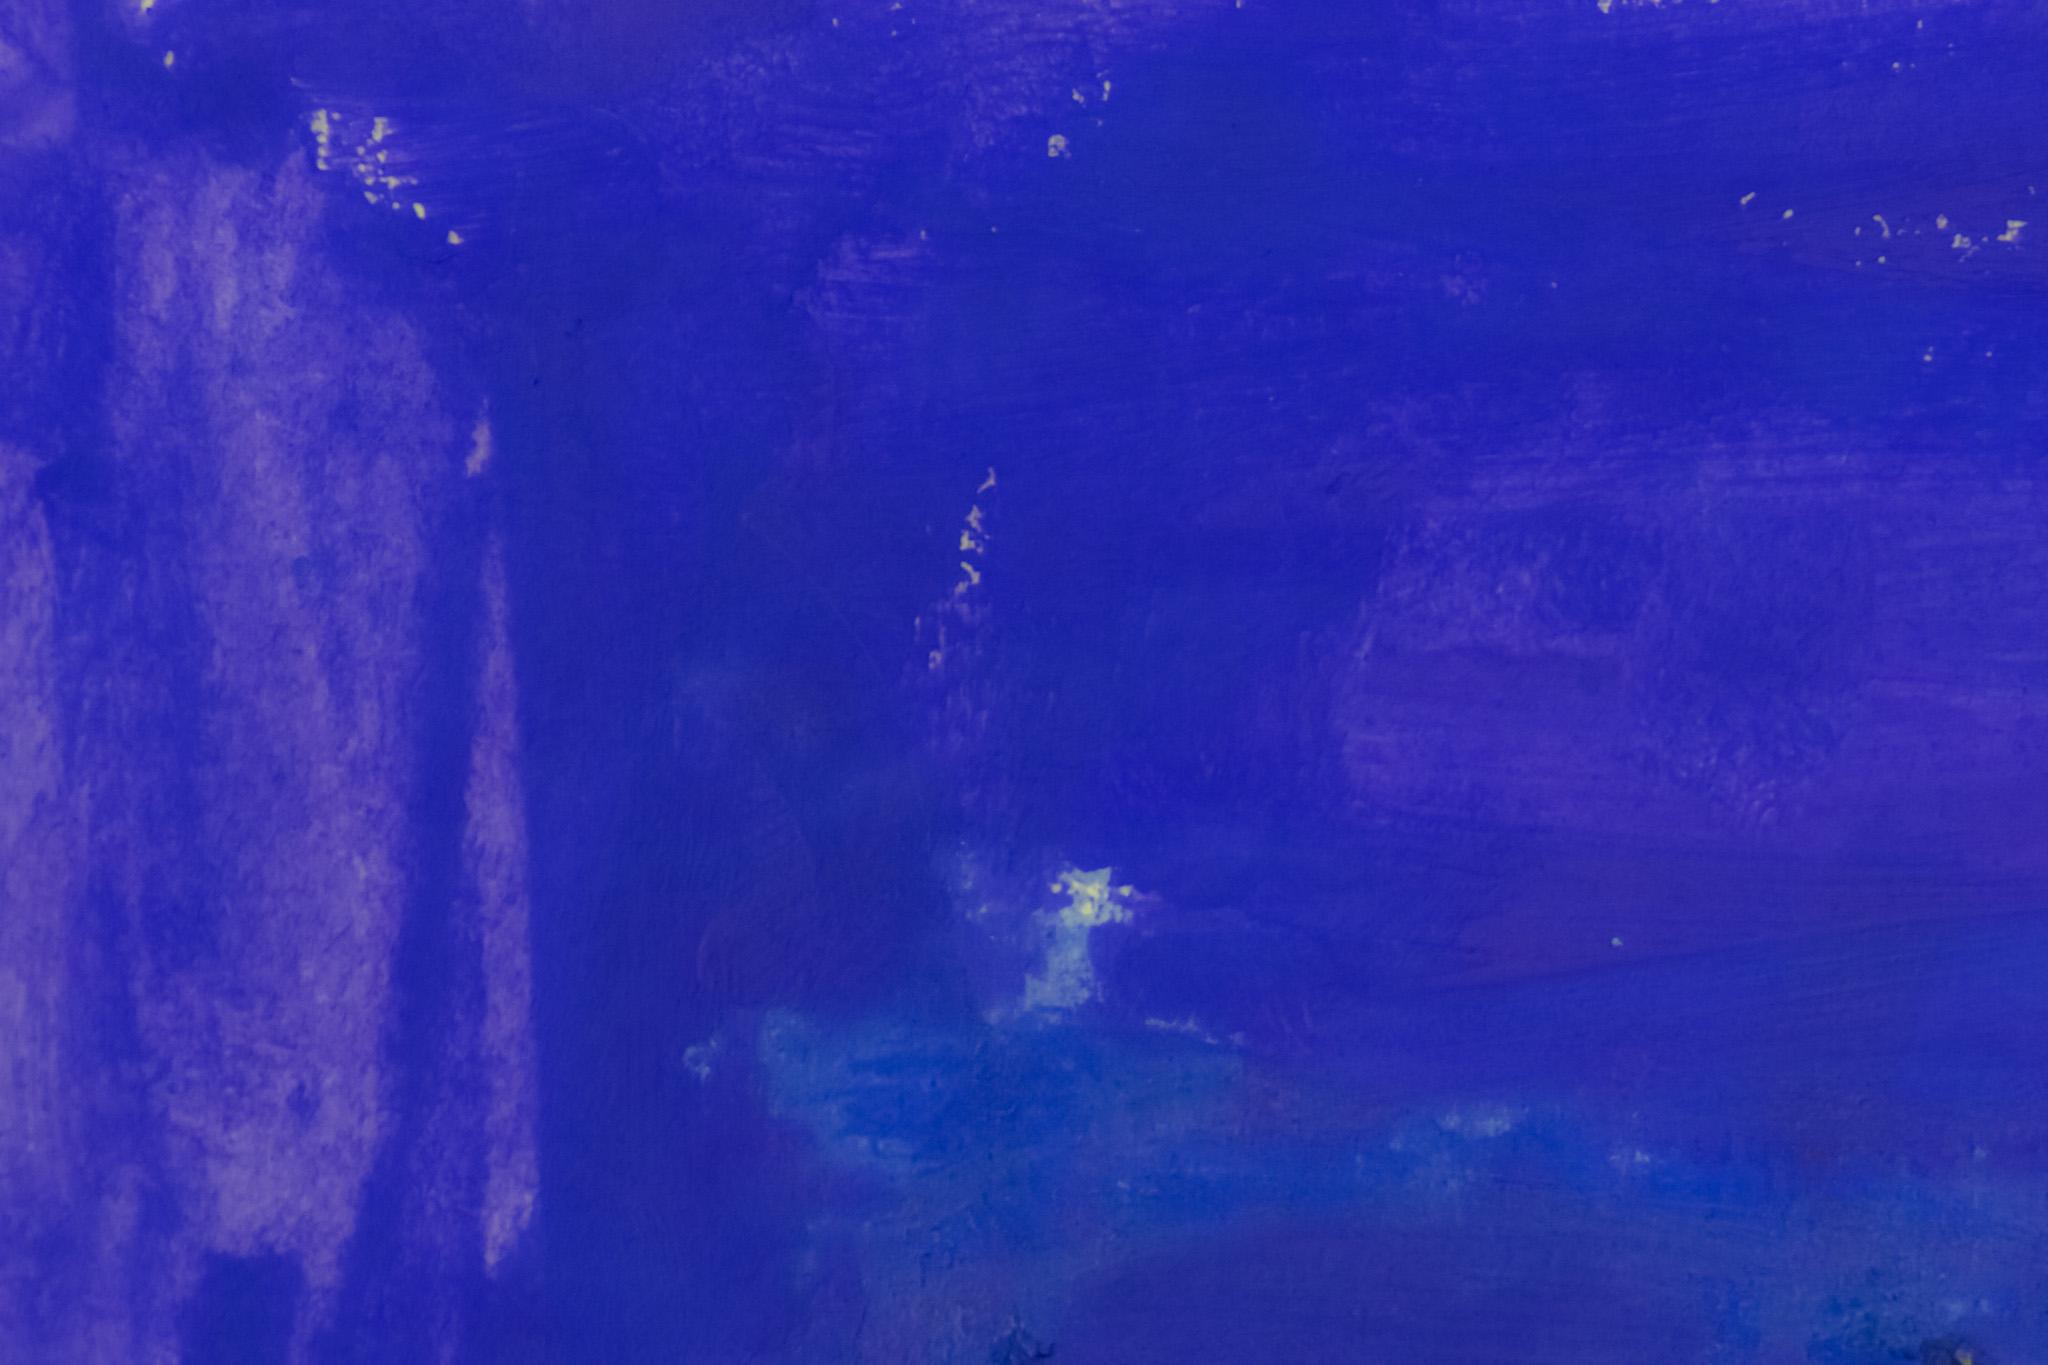 「鉄紺色の水彩バックグラウンド」